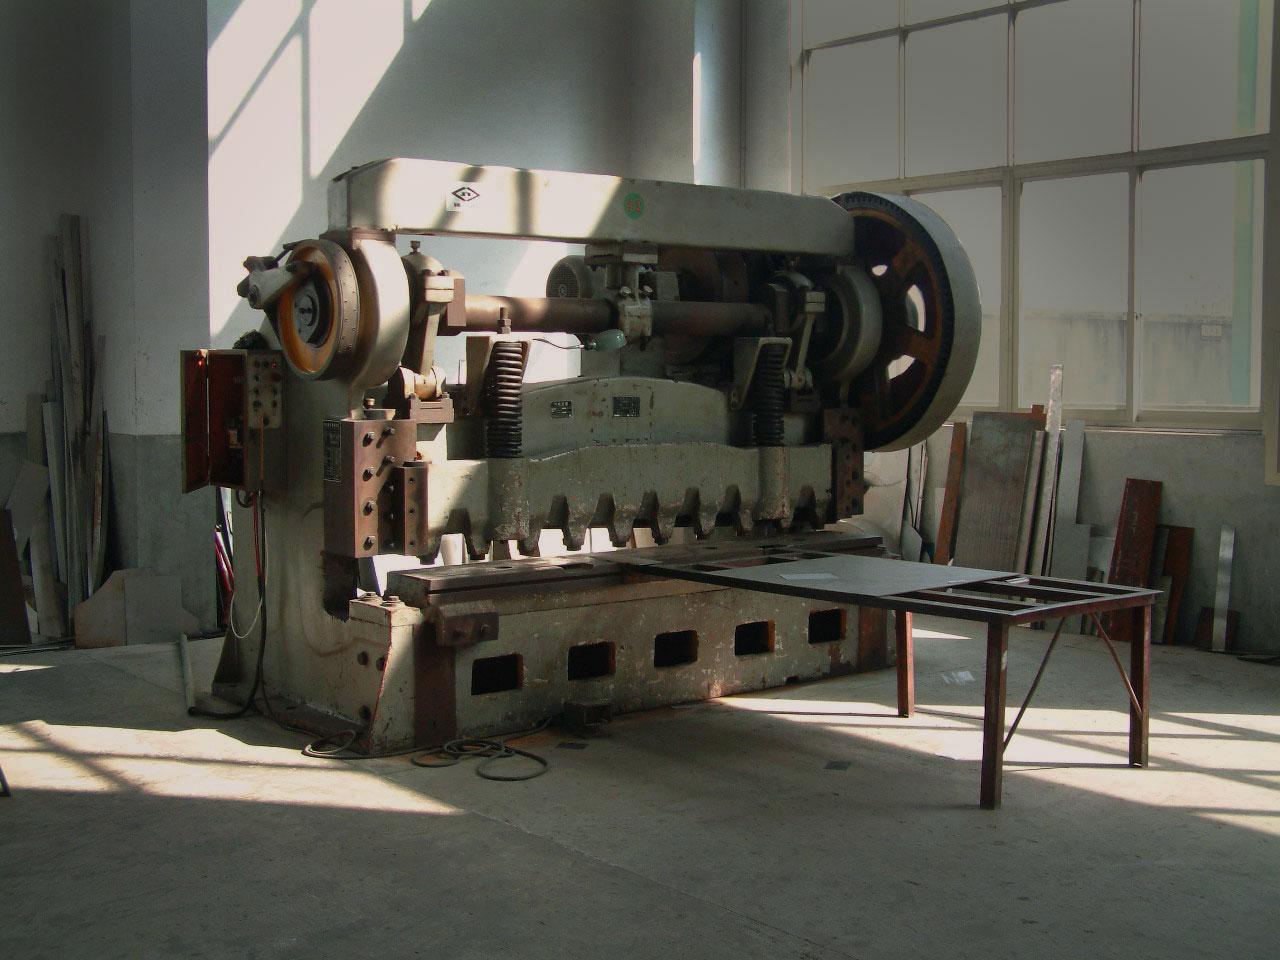 D.A.T. machine